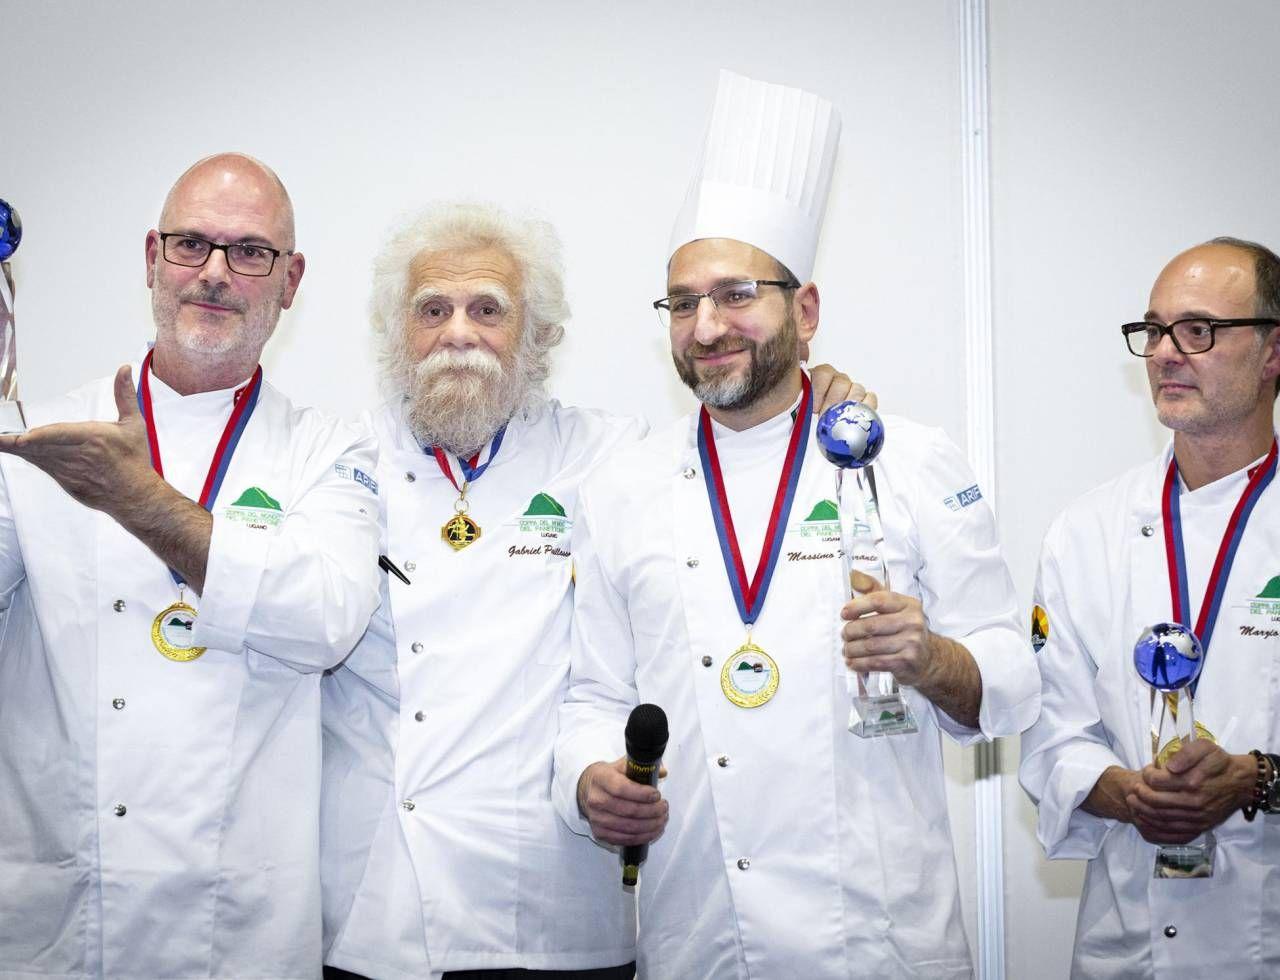 I dieci pasticceri che usciranno vincitori dalle selezioni di Robecco parteciperanno alla finalissima in programma a Milano il prossimo febbraio